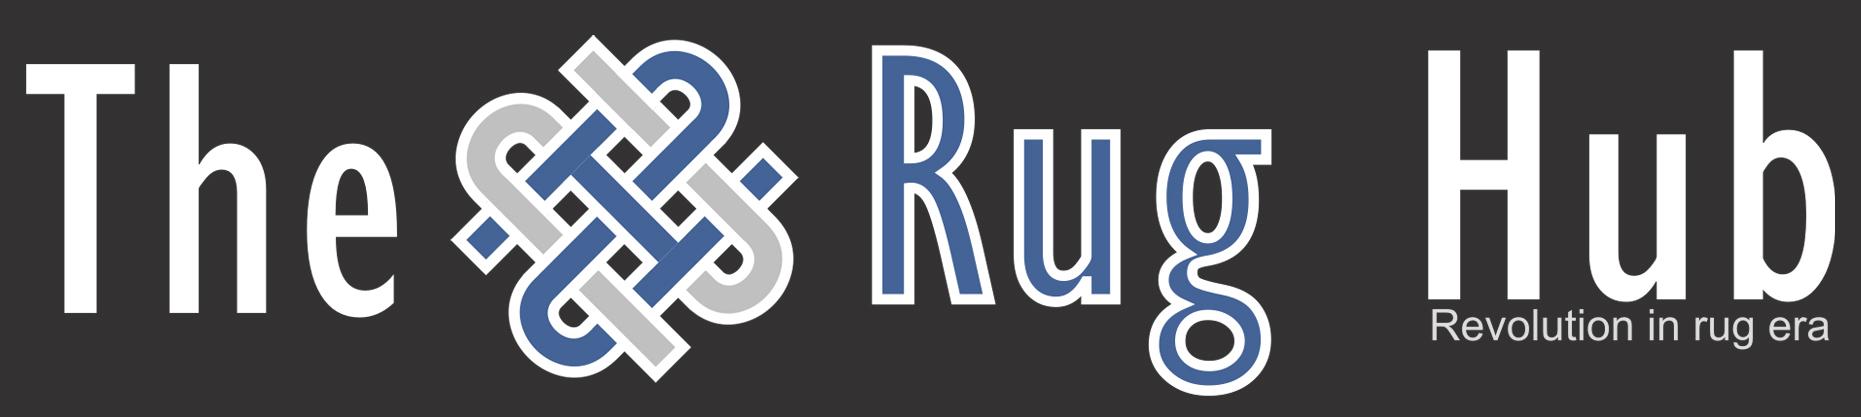 The Rug Hub